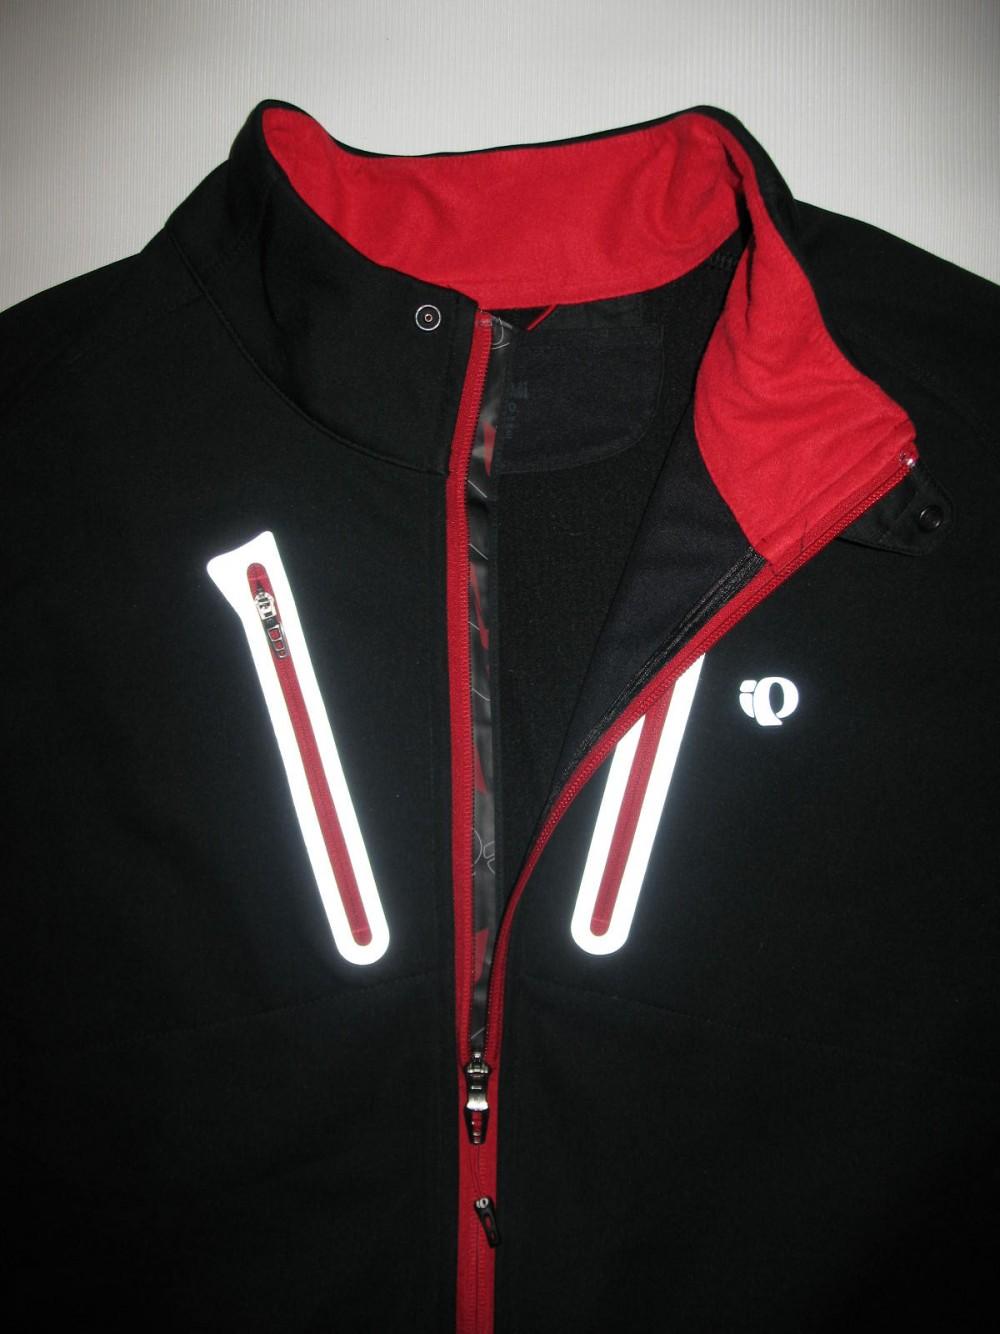 Велокуртка PEARL IZUMI pro softshell jacket (размер XXL) - 6